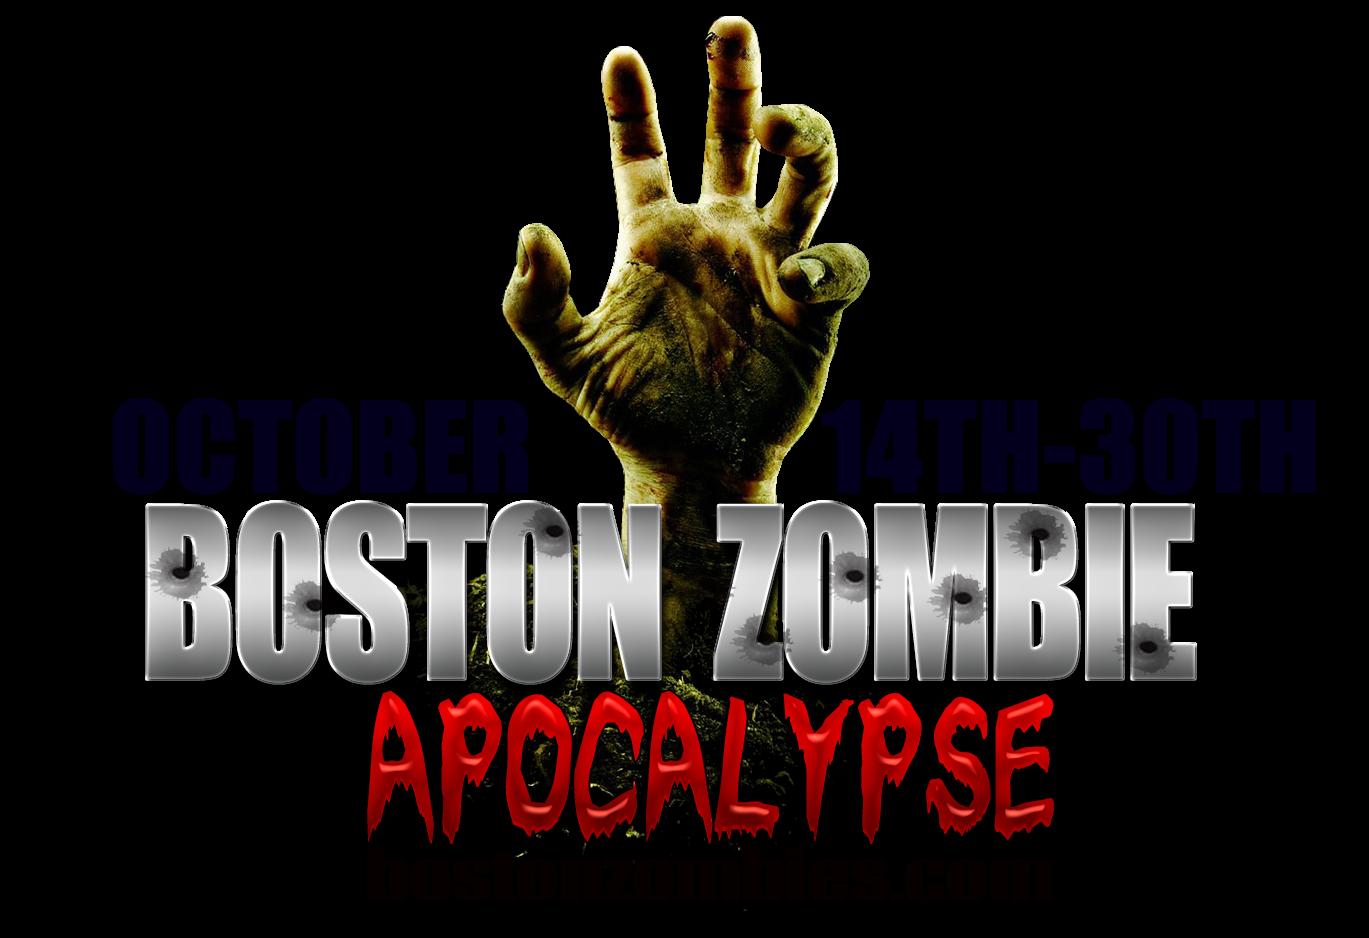 boston zombie apocalypse 10 14 16